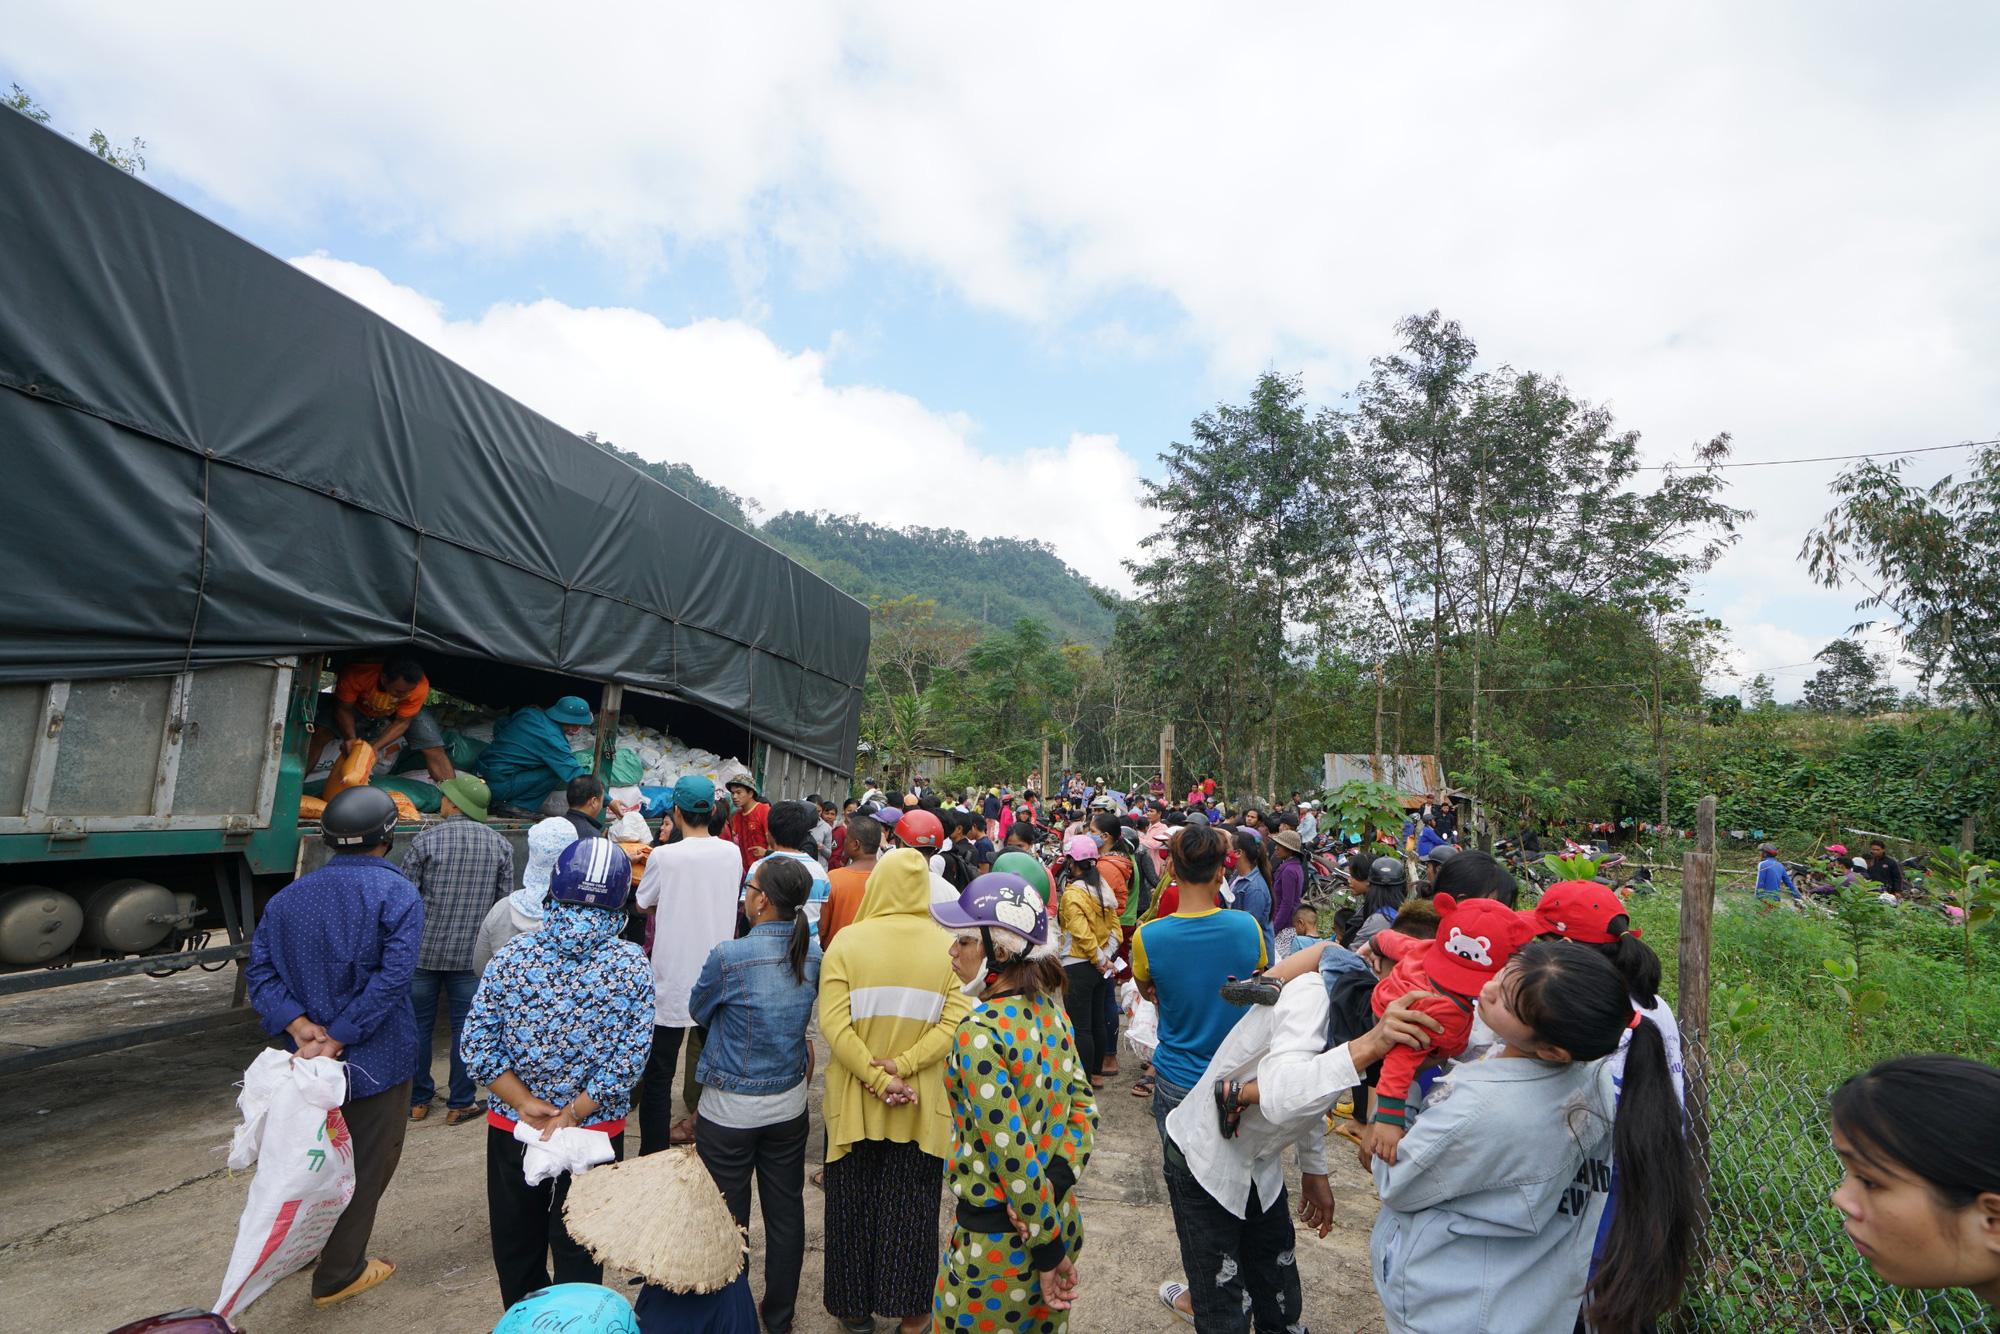 Quảng Nam: Tập đoàn FVG tặng 1100 suất quà hỗ trợ đồng bào miền núi bị ảnh hưởng do bão lũ  - Ảnh 6.